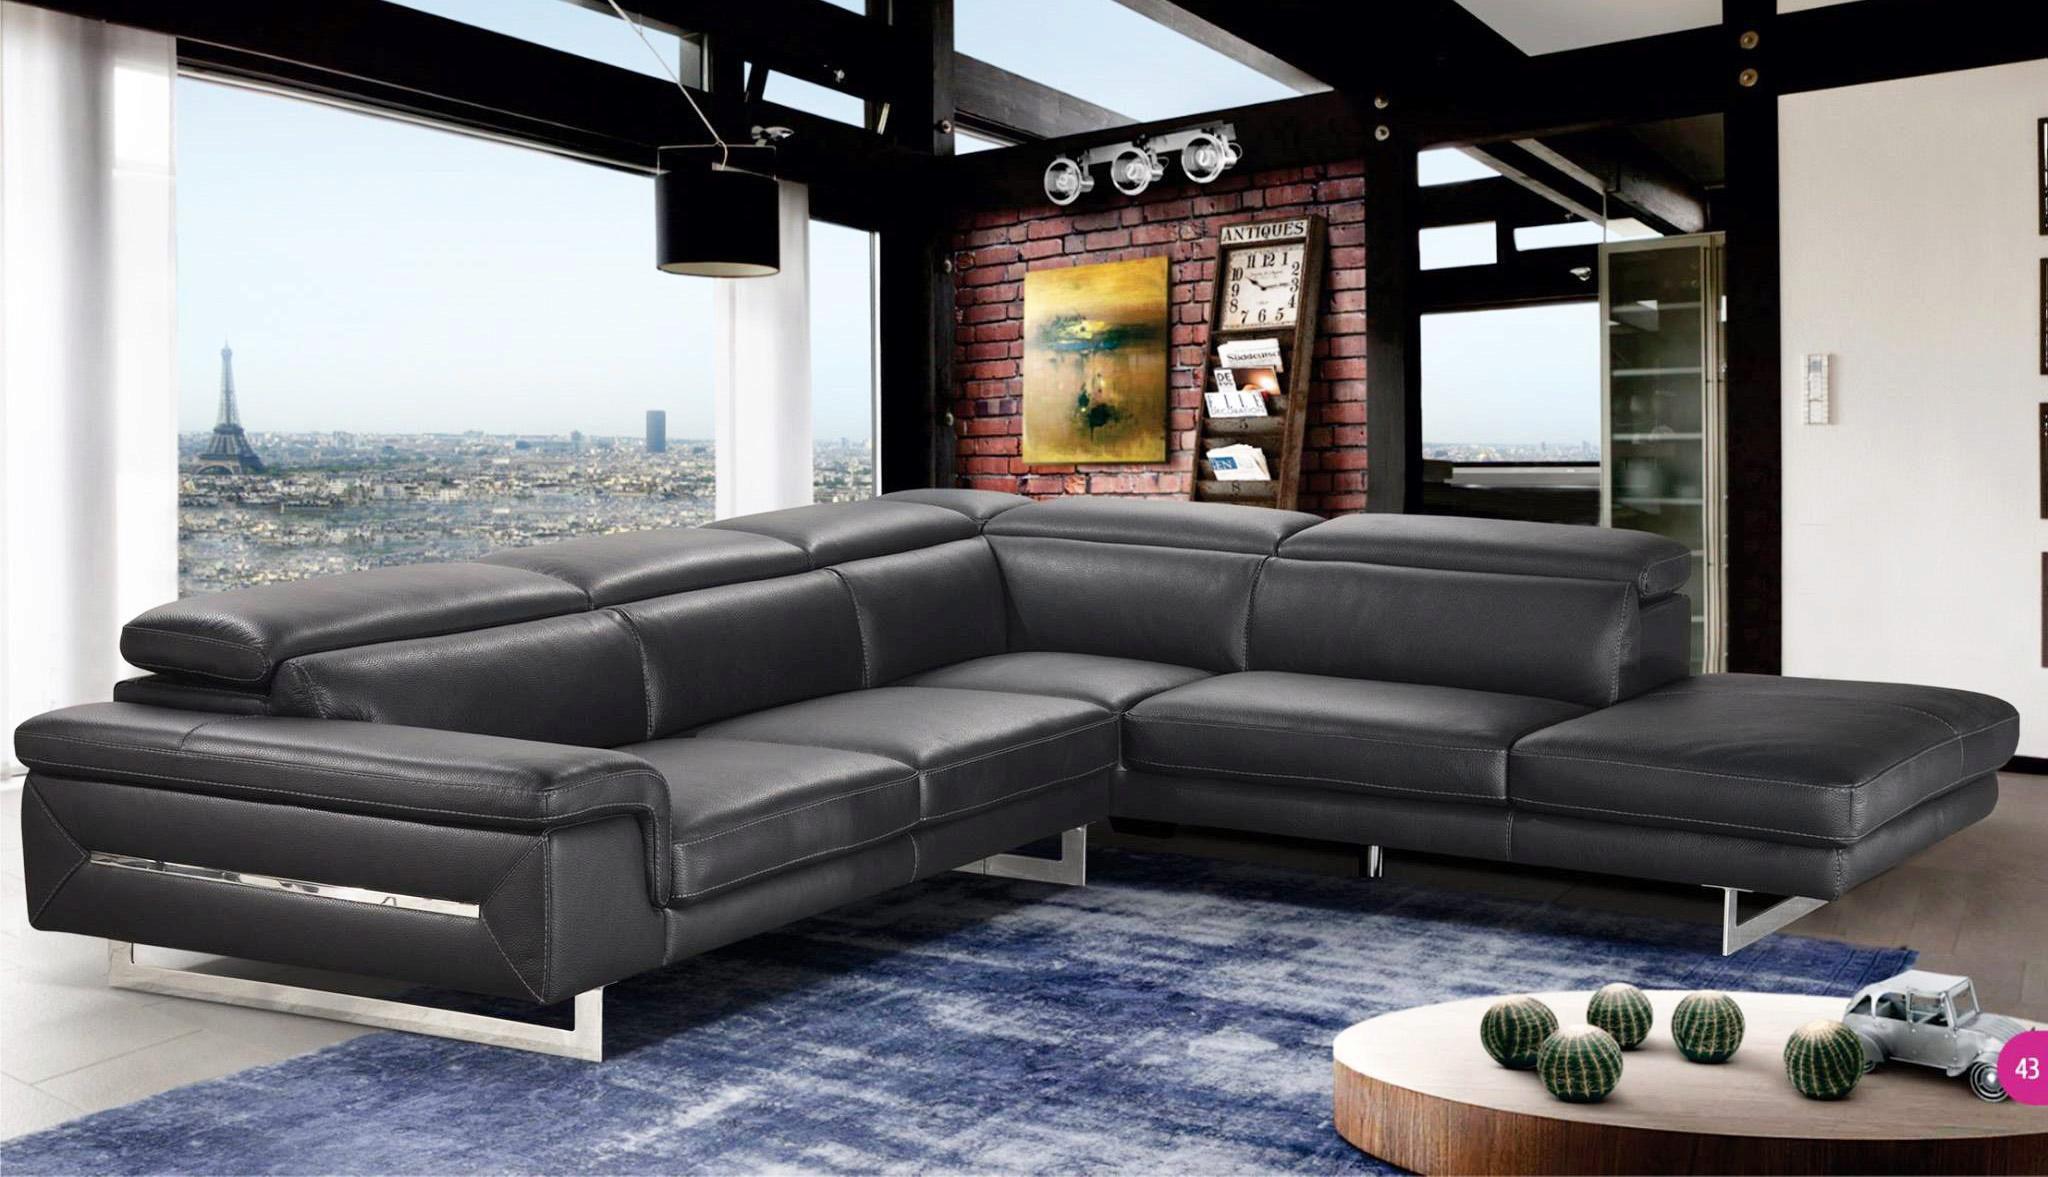 italian black leather sectional sofa vig accenti italia lazio contemporary chic